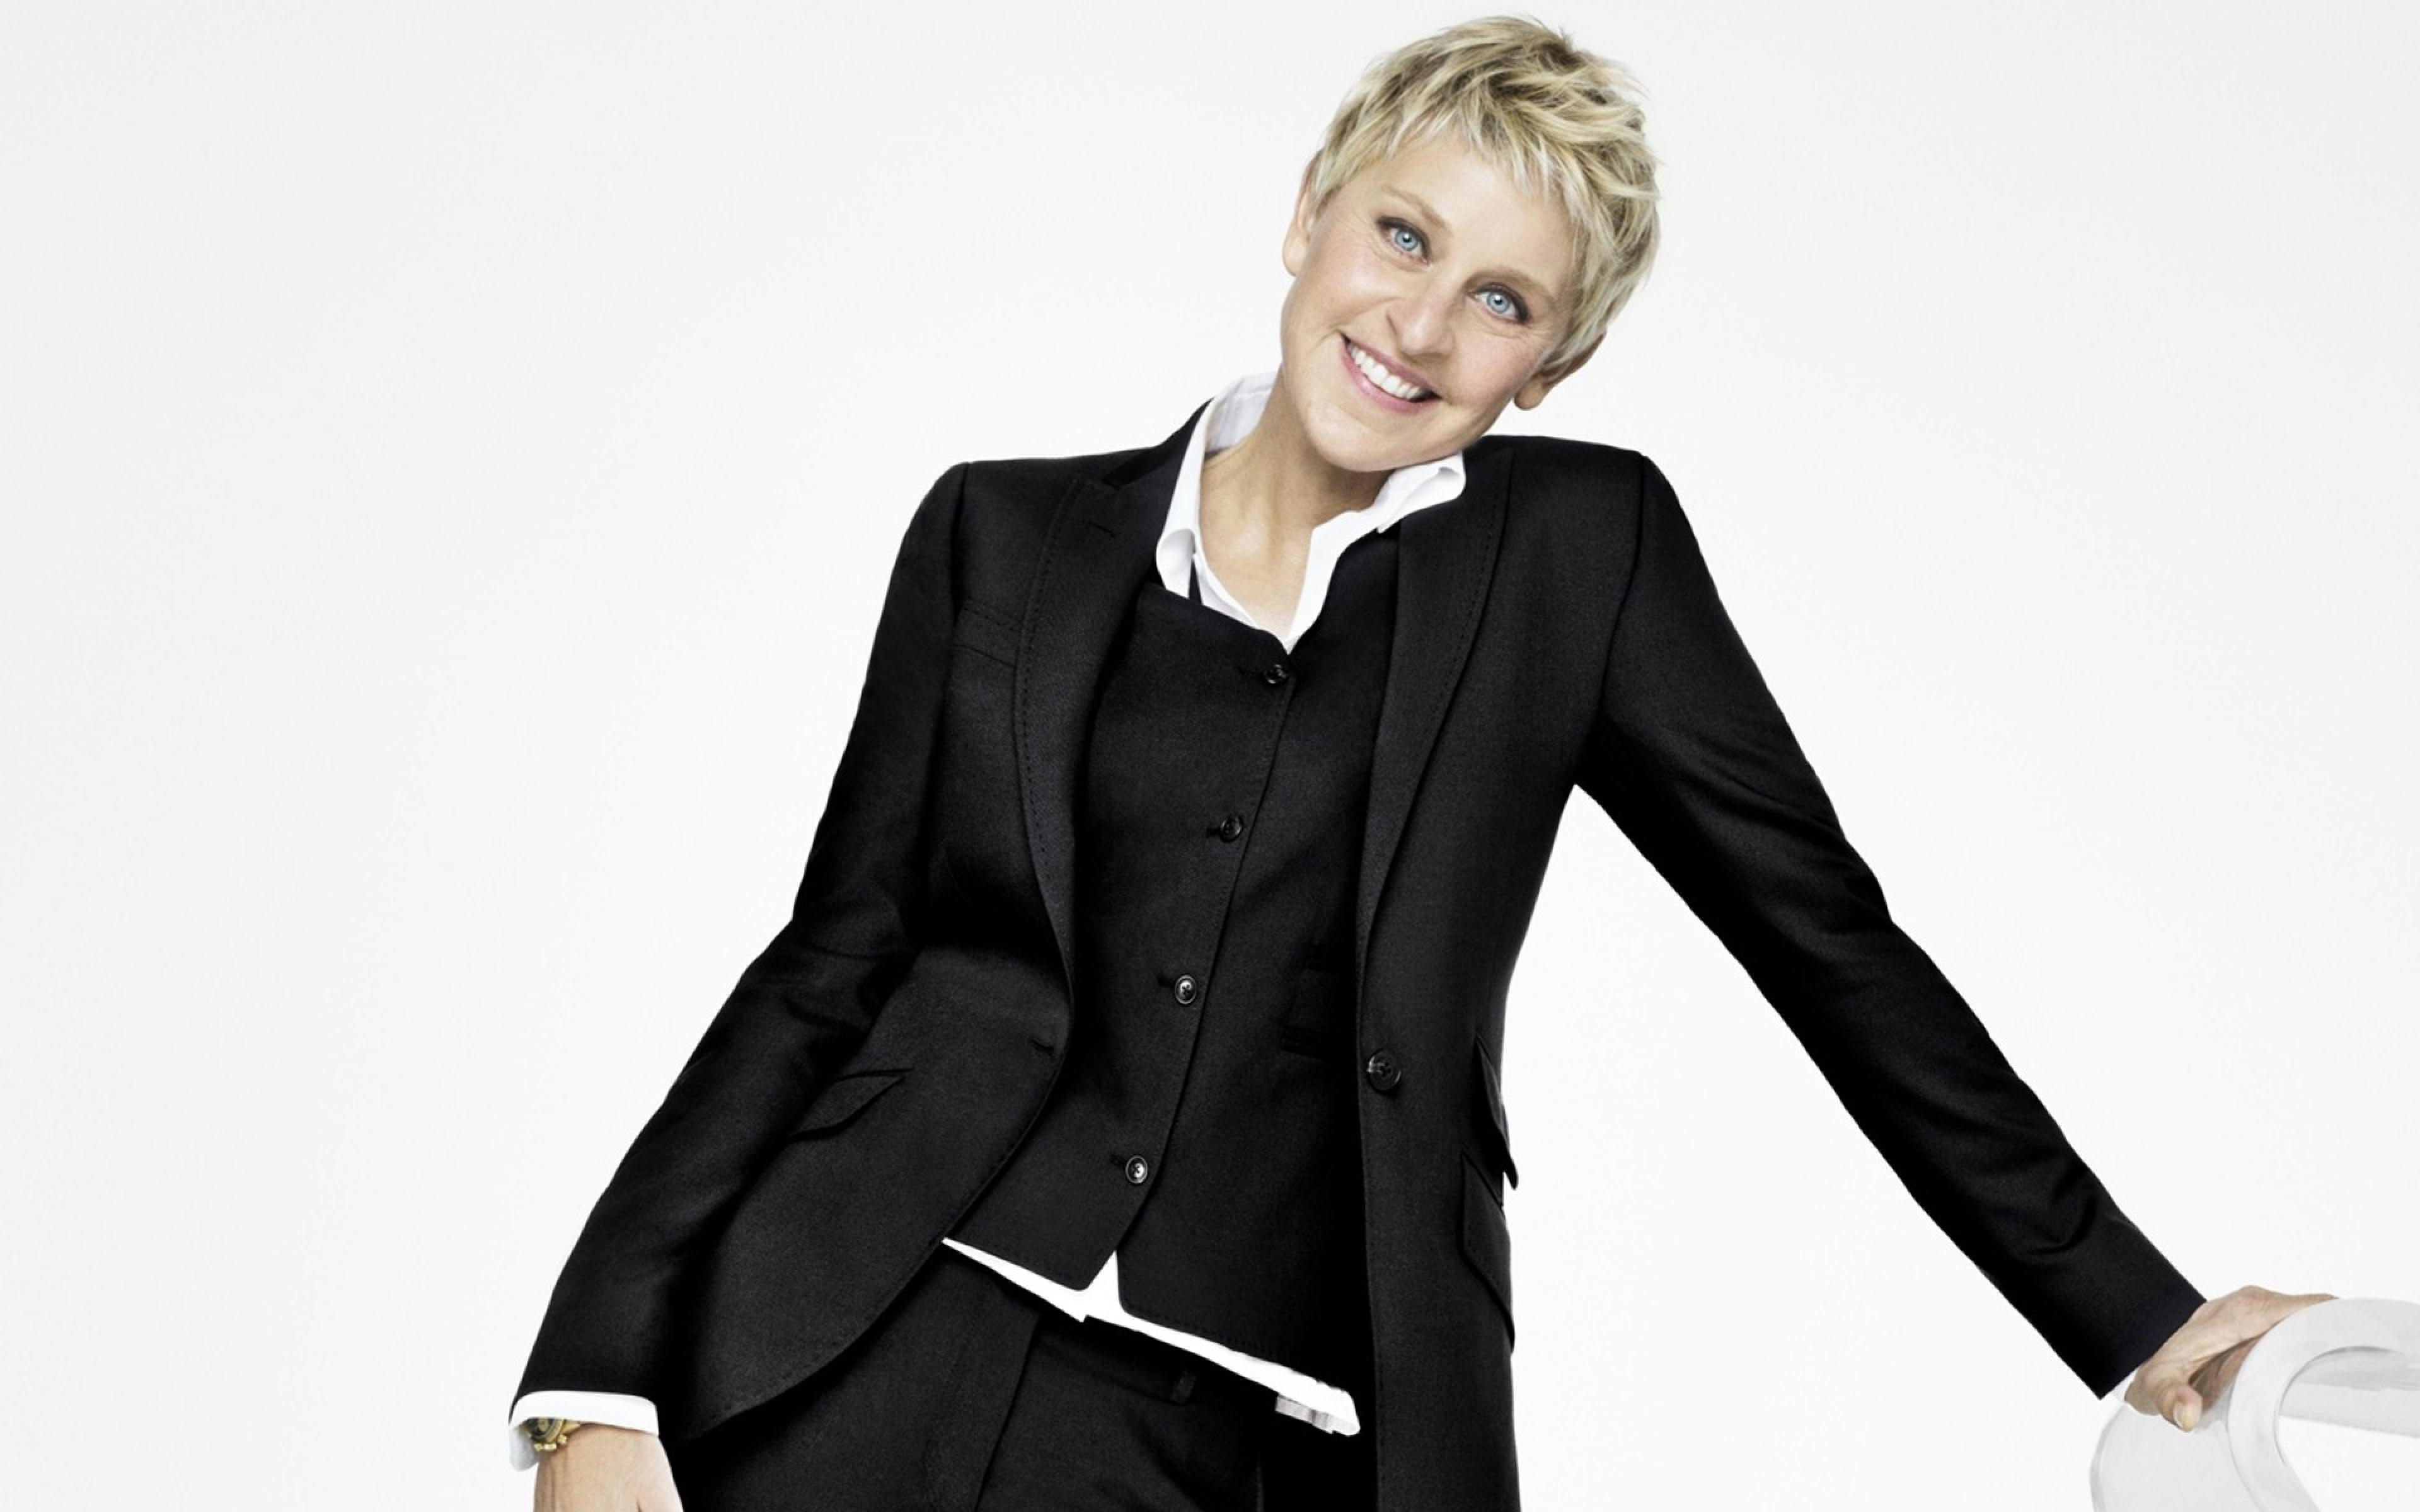 Ellen Lee DeGeneres n Nueva Orleans 26 de enero de 1958 es una comediante actriz y presentadora de televisión estadounidense 1 Ganadora de varios premios